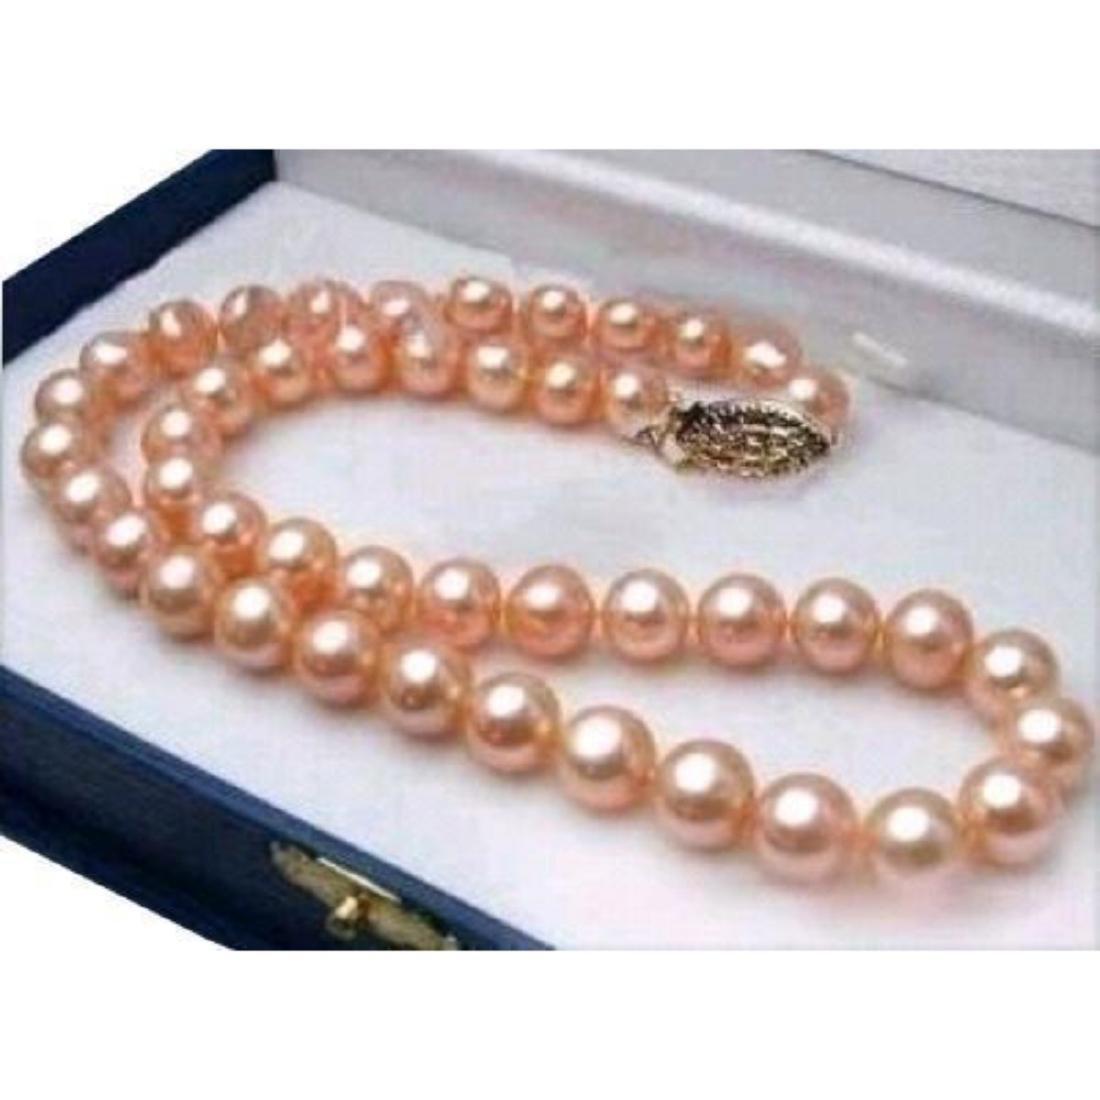 10-11mm Natural Pink Natural South Sea Pearls 14kt Gold